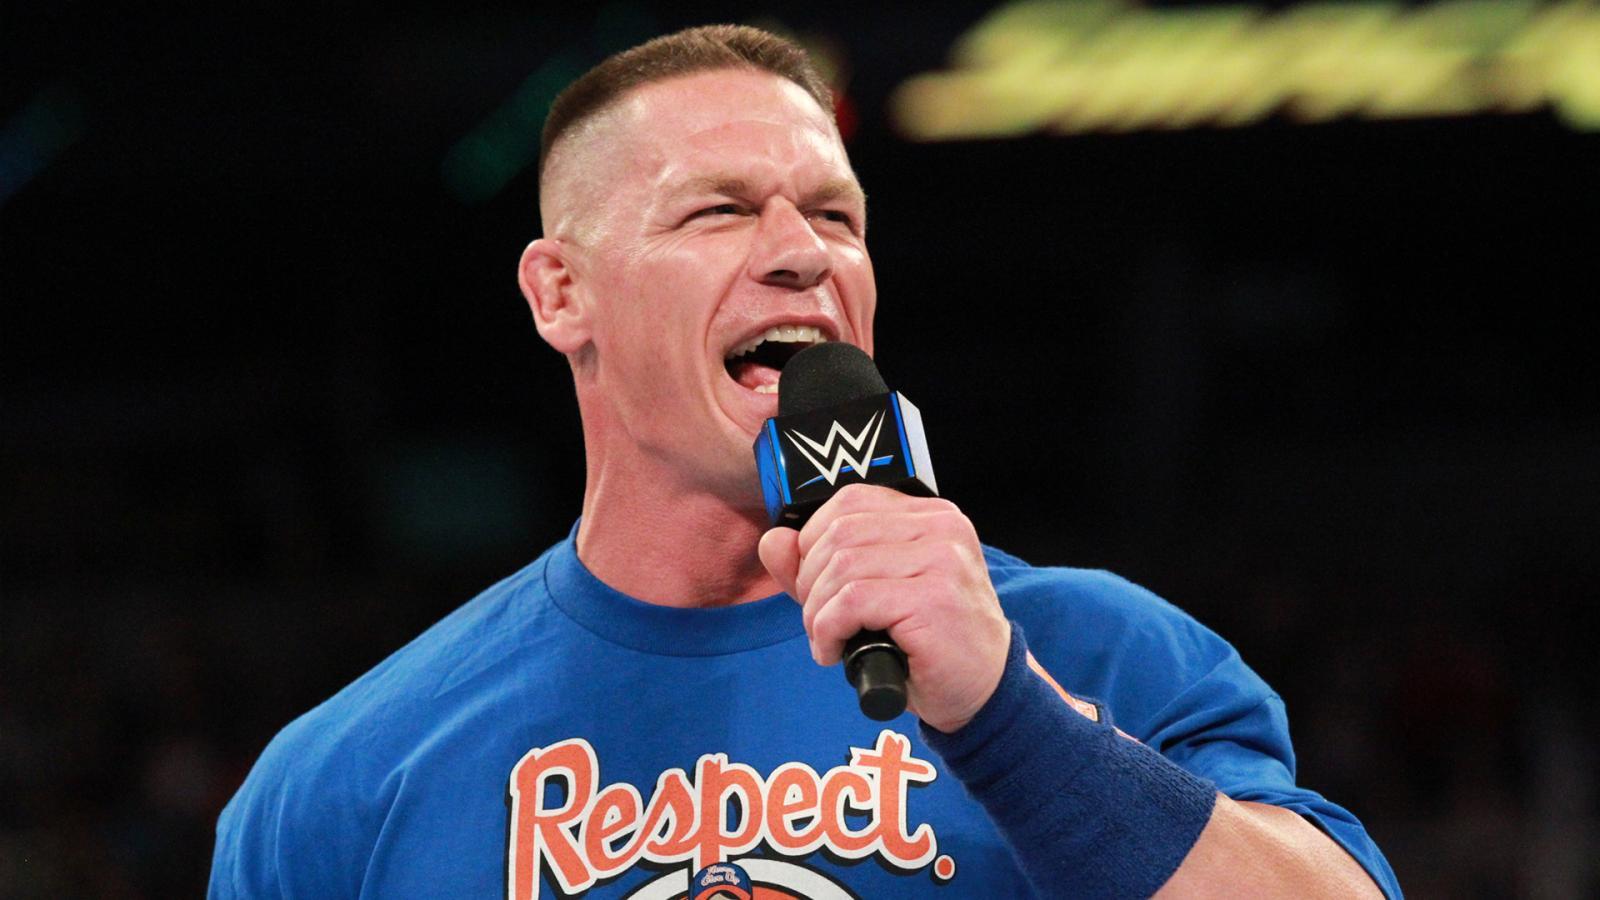 WWE SmackDown : रिजल्ट्स : 5 जुलाई 2017, दिग्गज रेसलर की वापसी और मिला नया नंबर 1 कंटेडर 2